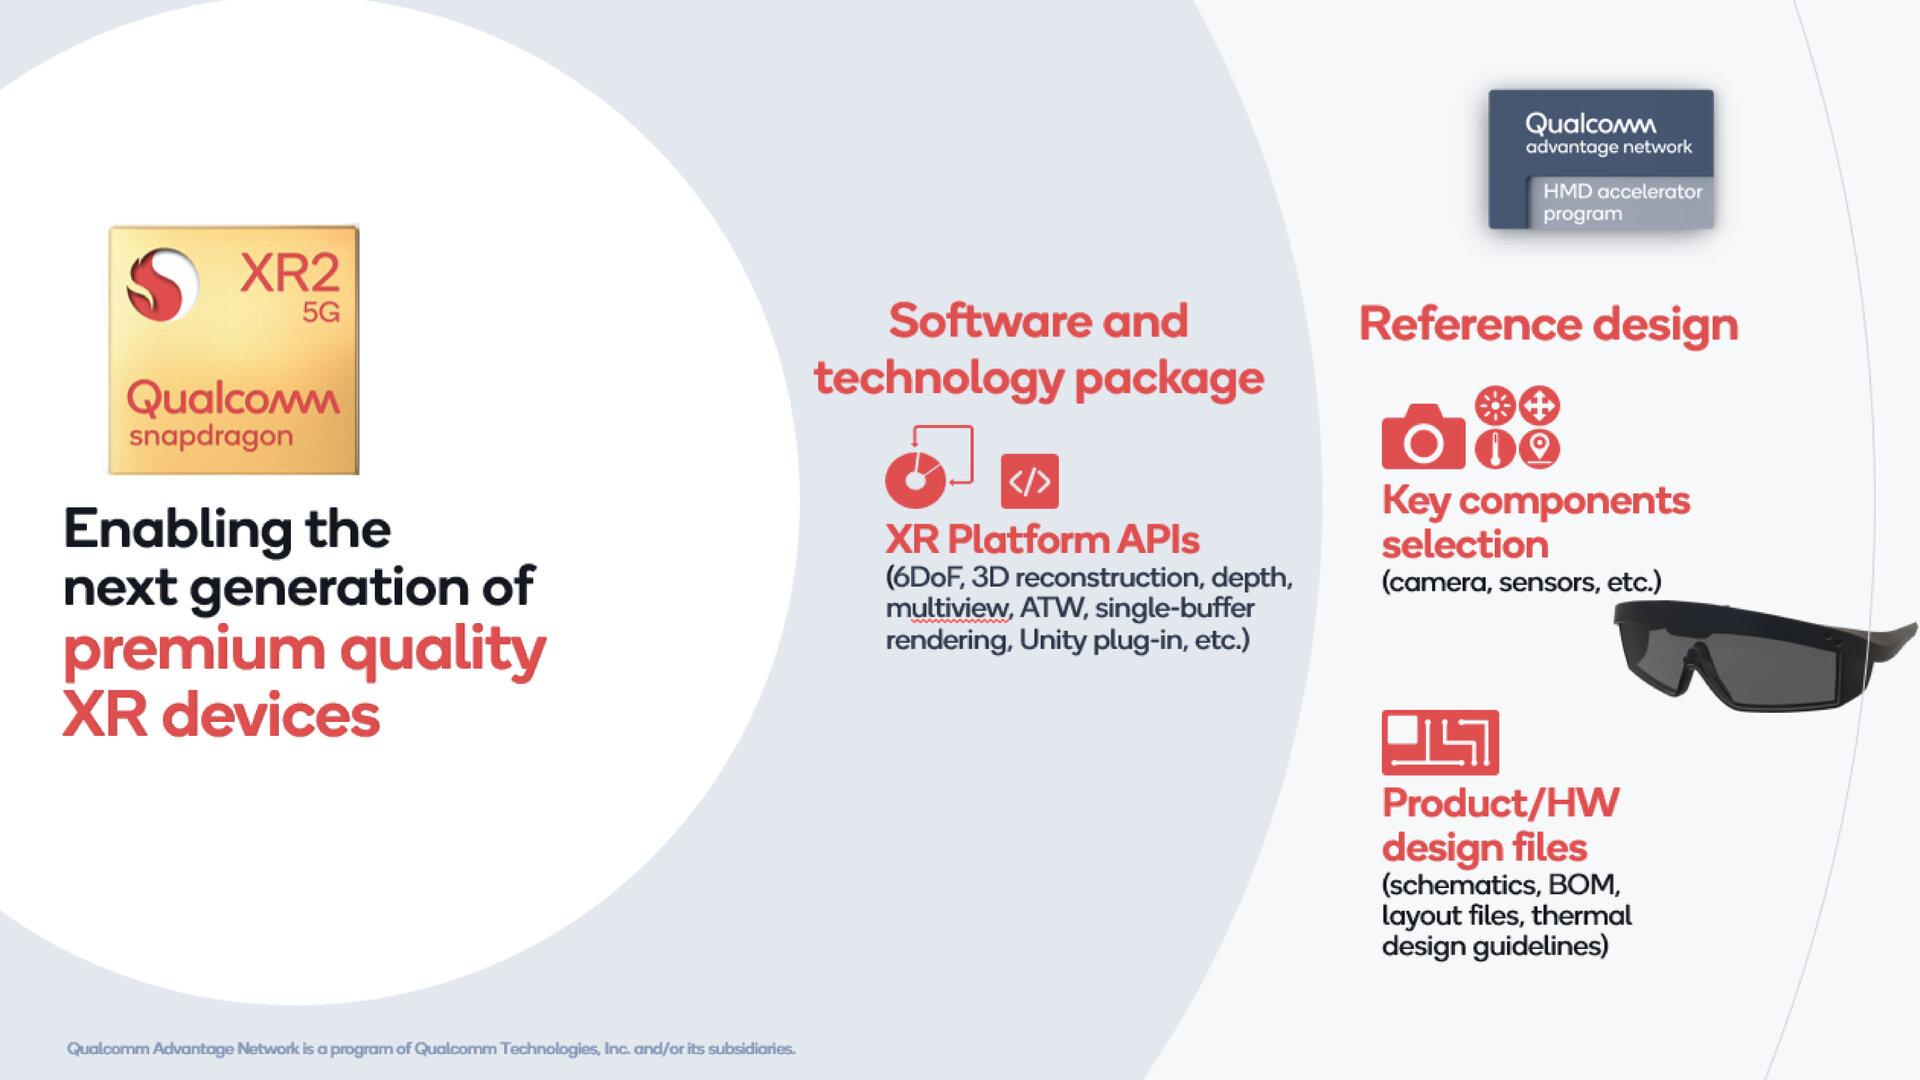 Die Plattform ist mehr als nur der neue XR2-Chip